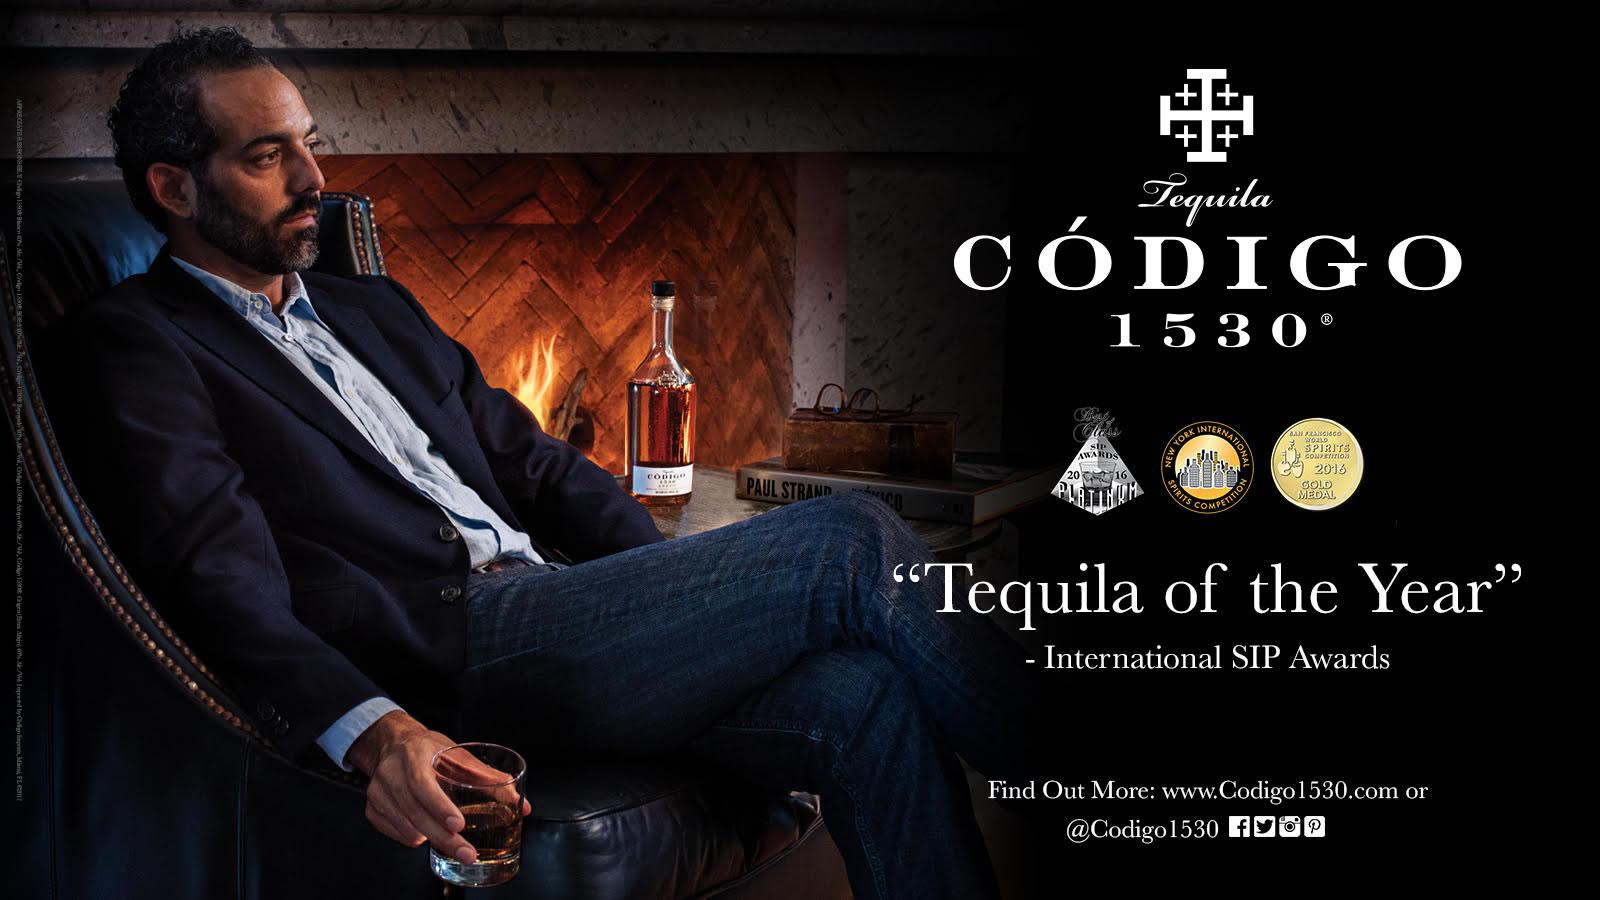 Codigo Tequila